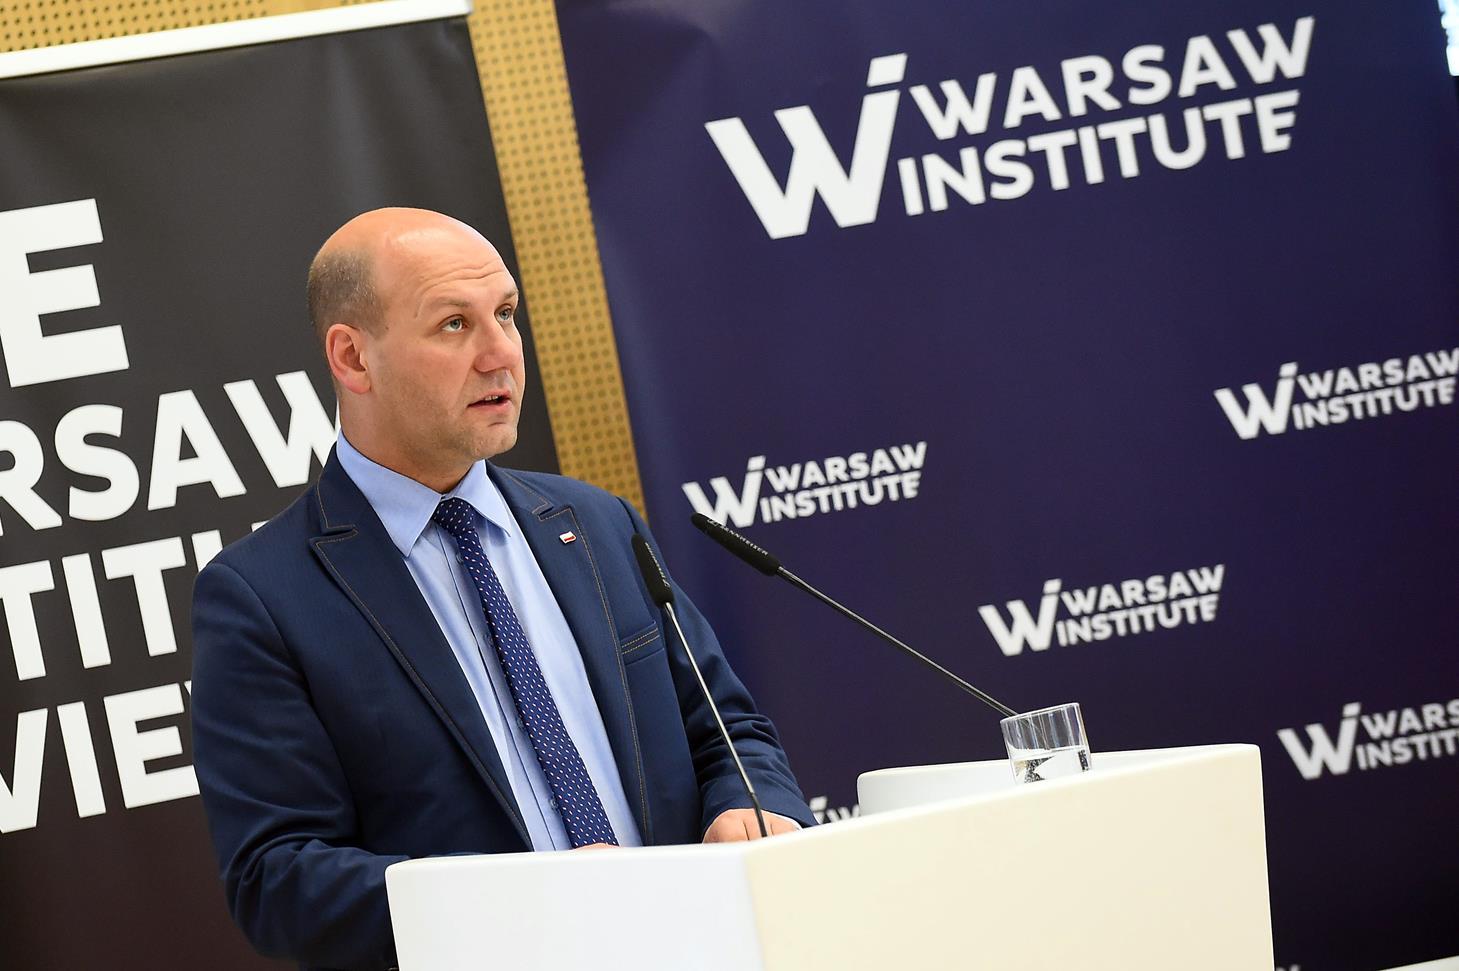 western balkans infrastructure energy geopolitics warsaw institute k9 8b